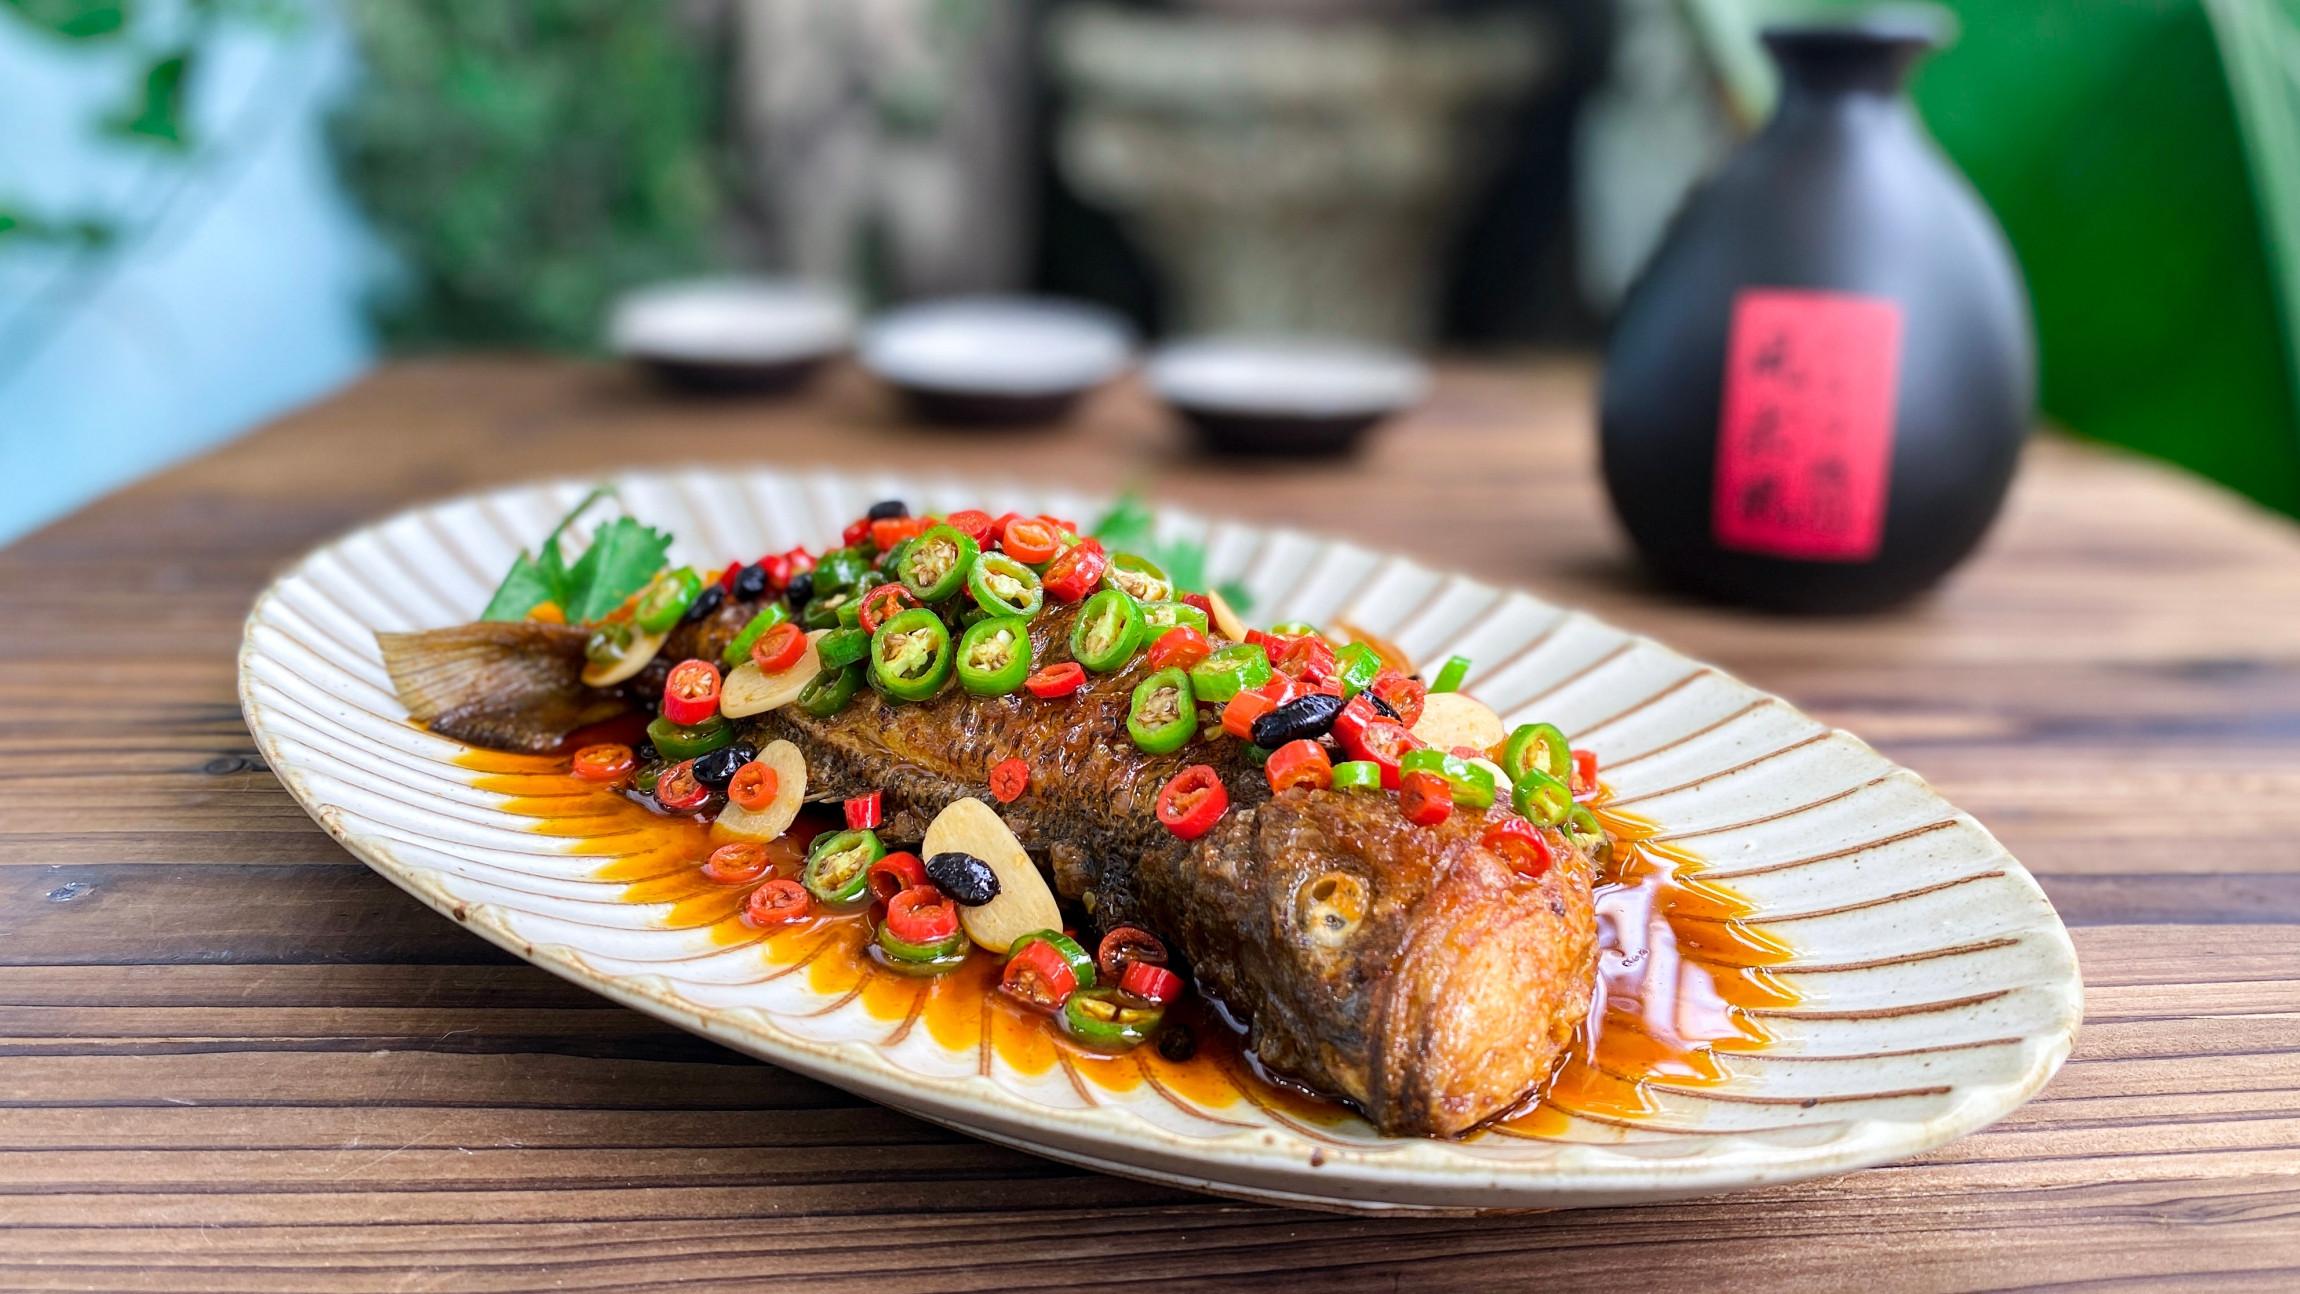 紅燒鱸魚(紅燒魚料理,聚會主菜)